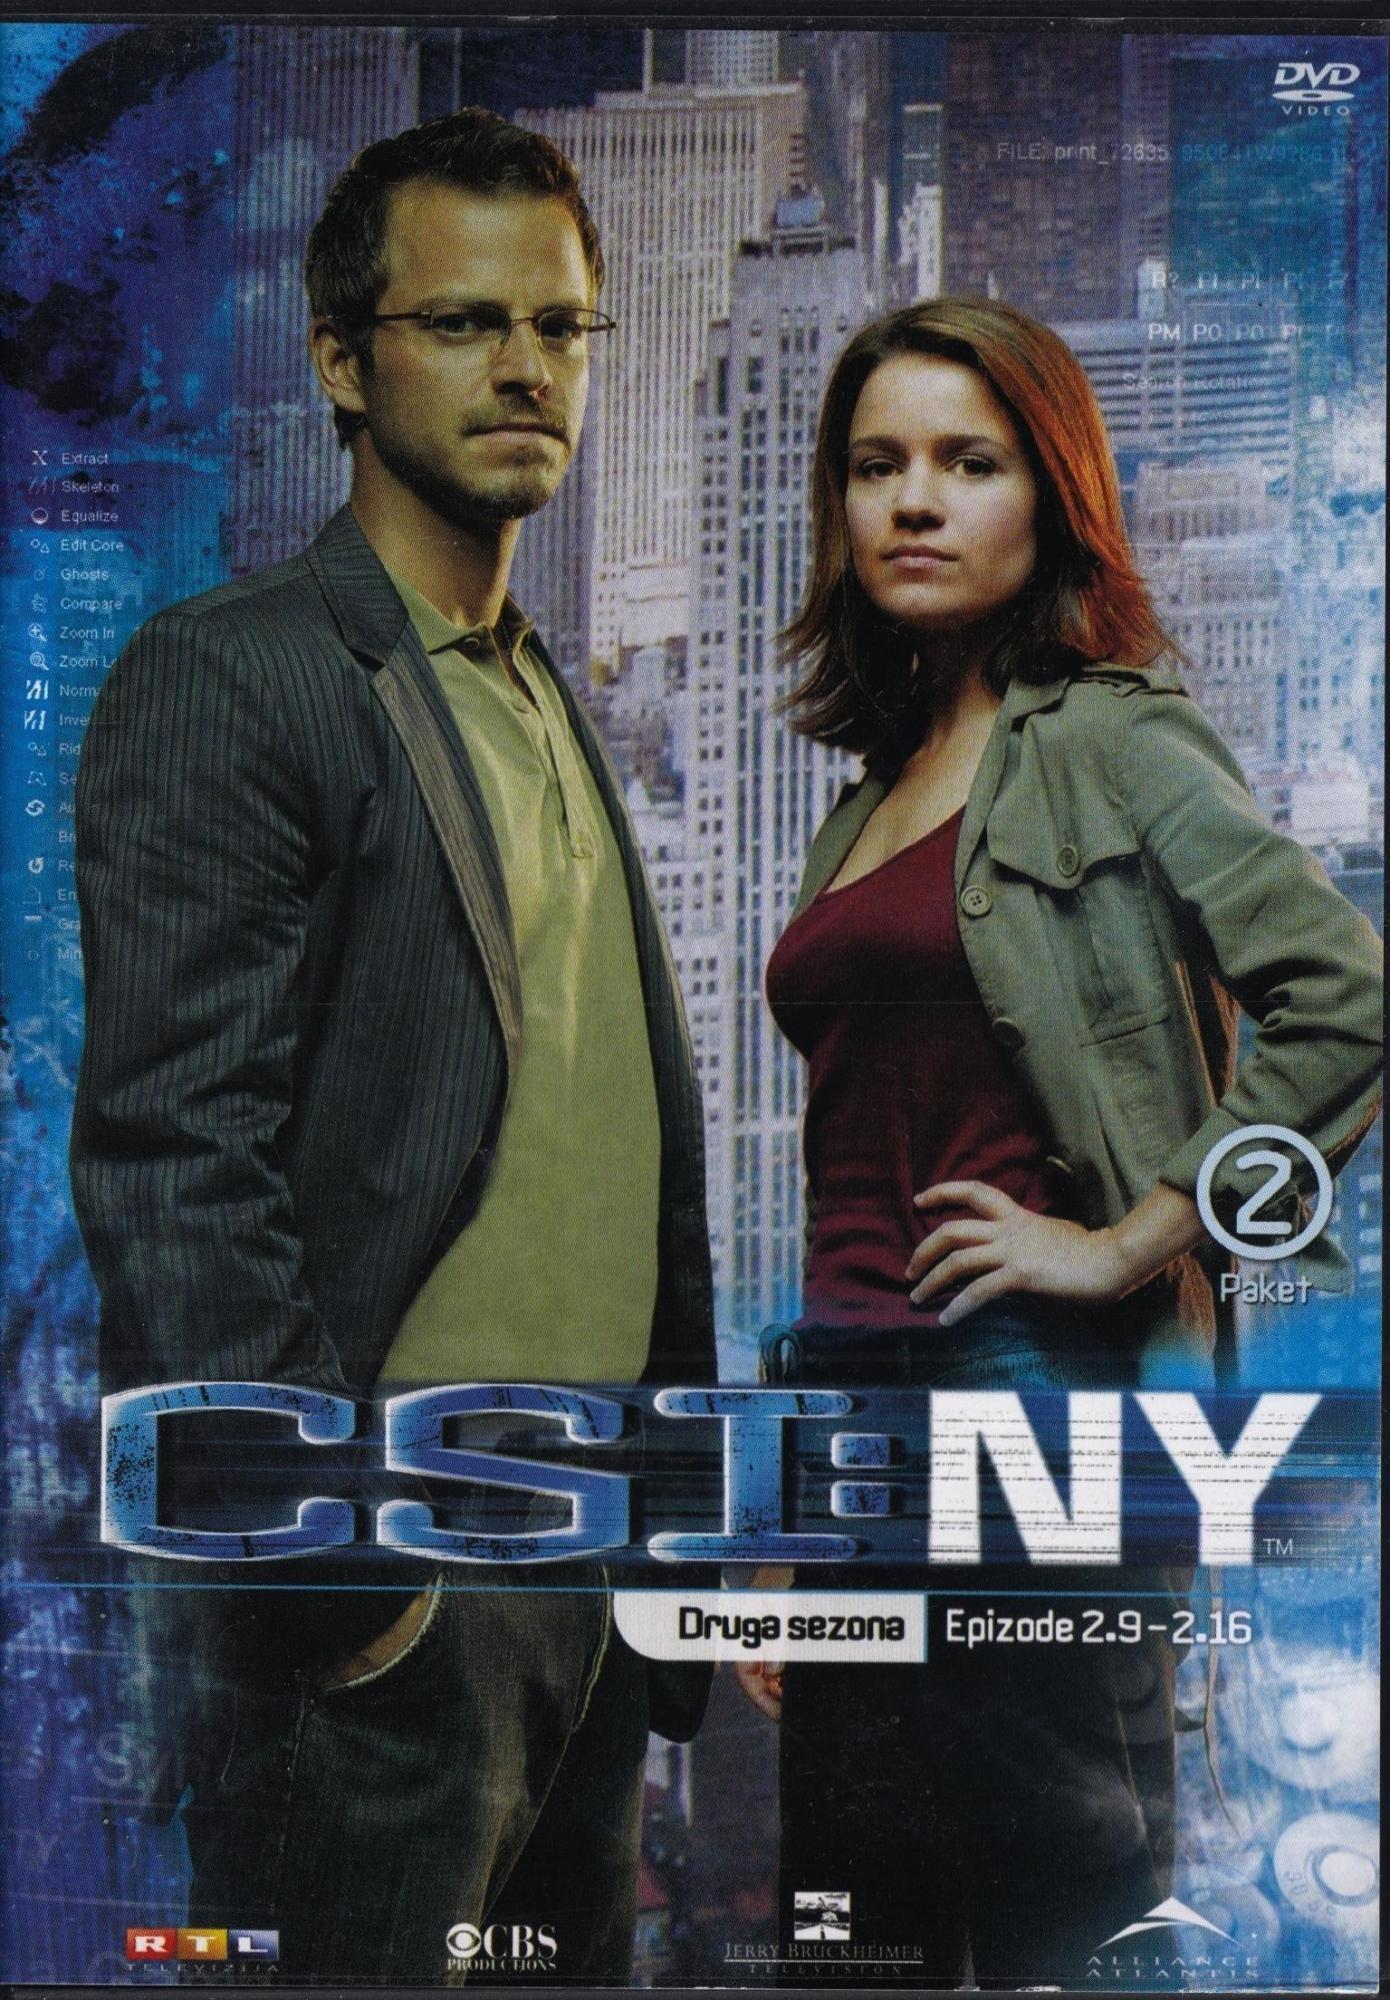 Csi New York - Druga Sezona - Epizode 9-16 - Gary Sinise